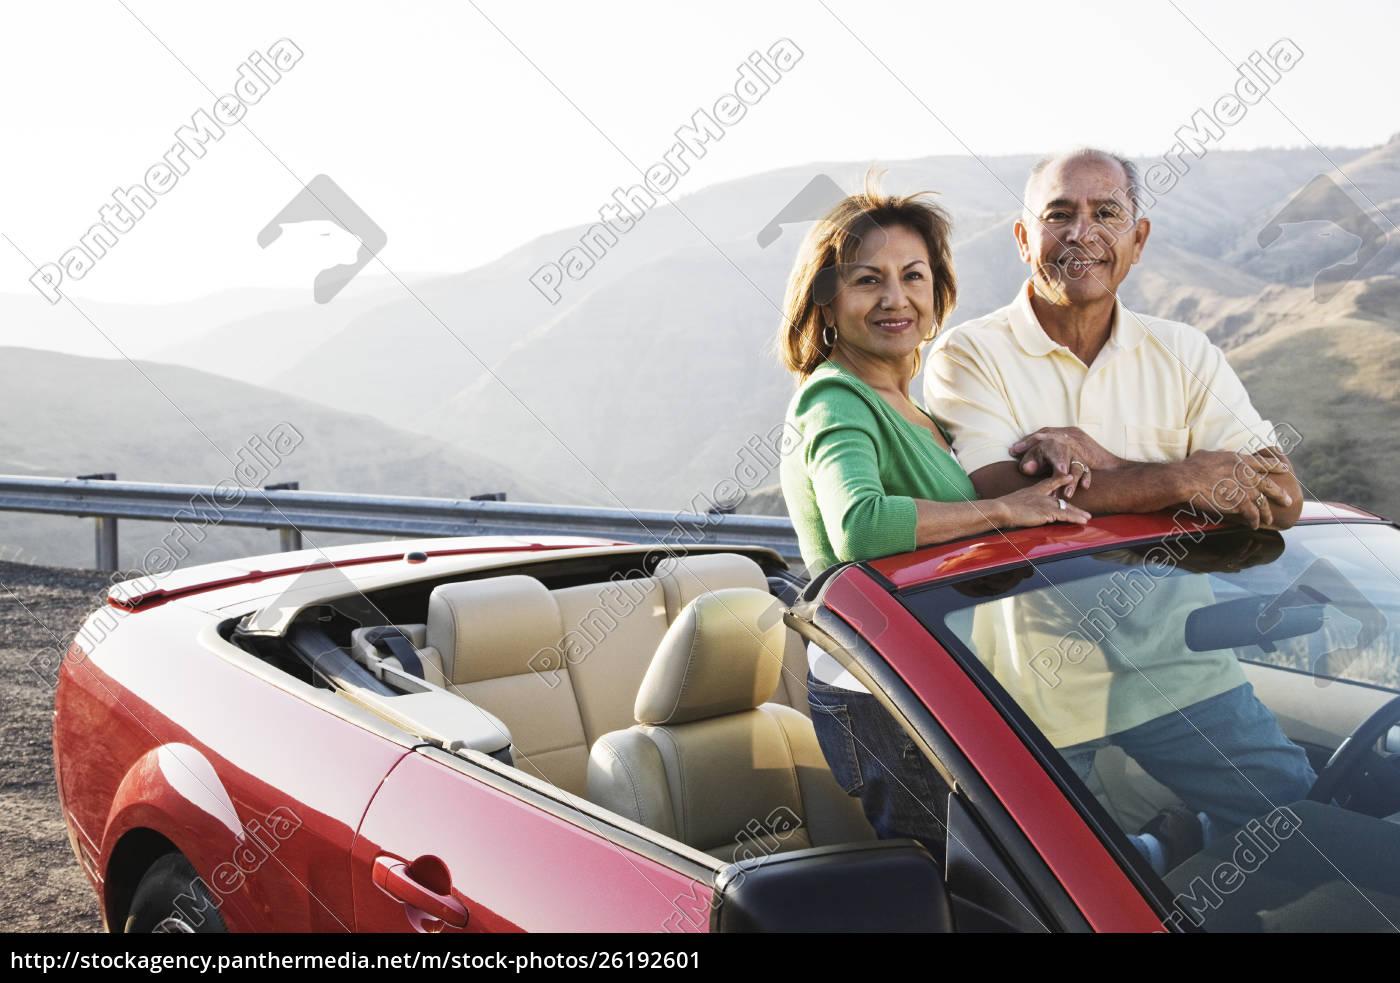 ein, hippes, älteres, hispanisches, paar, auf, einer - 26192601